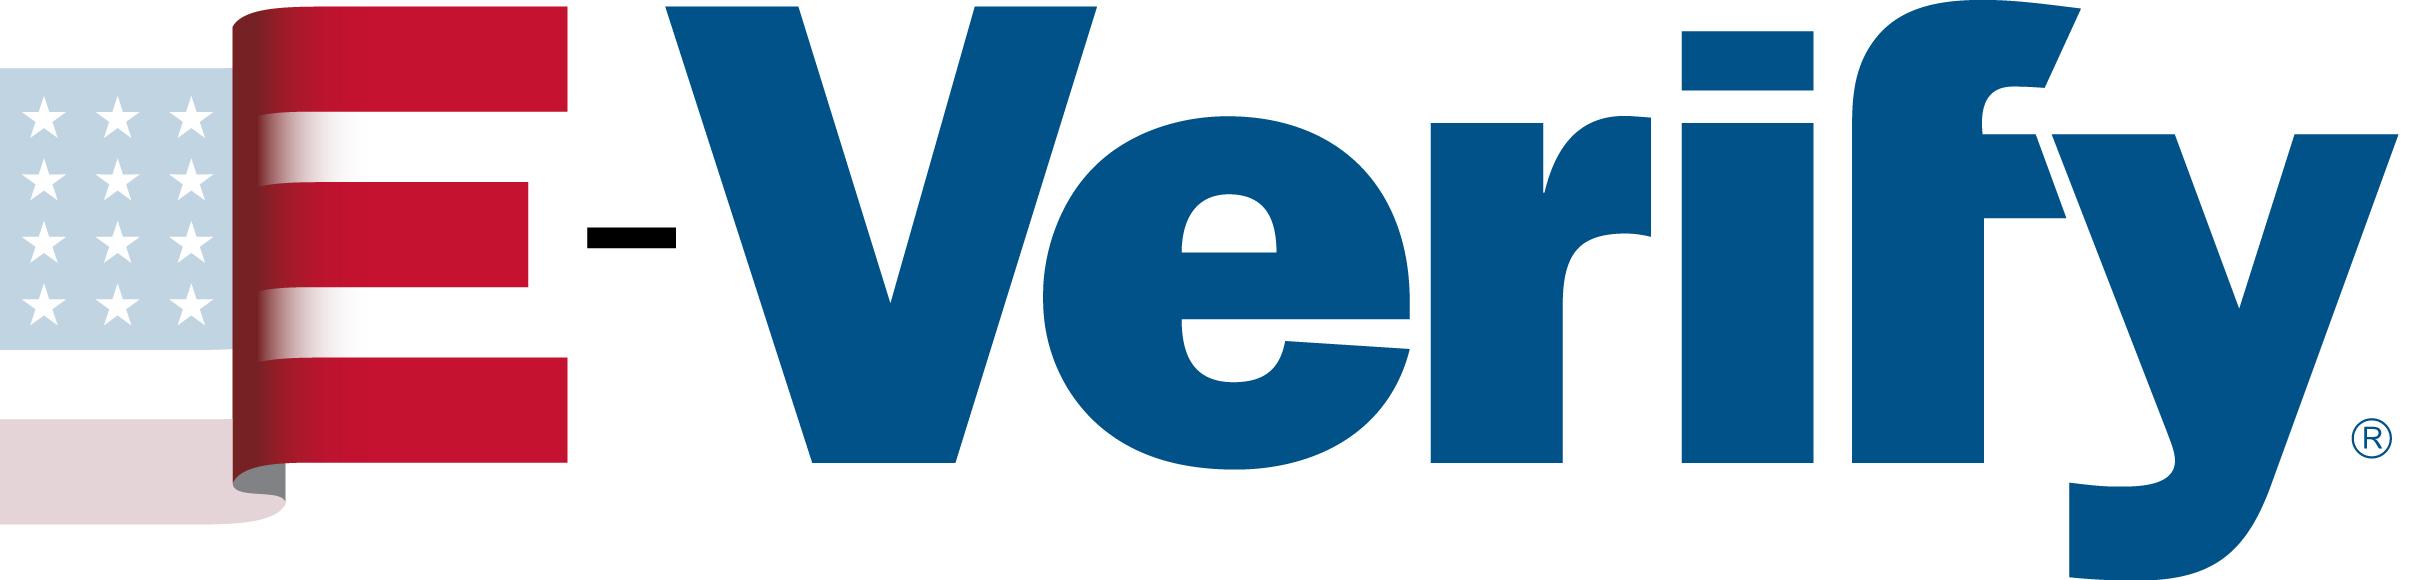 E-Verify_Logo_4-Color_RGB_LG_JPG.jpg